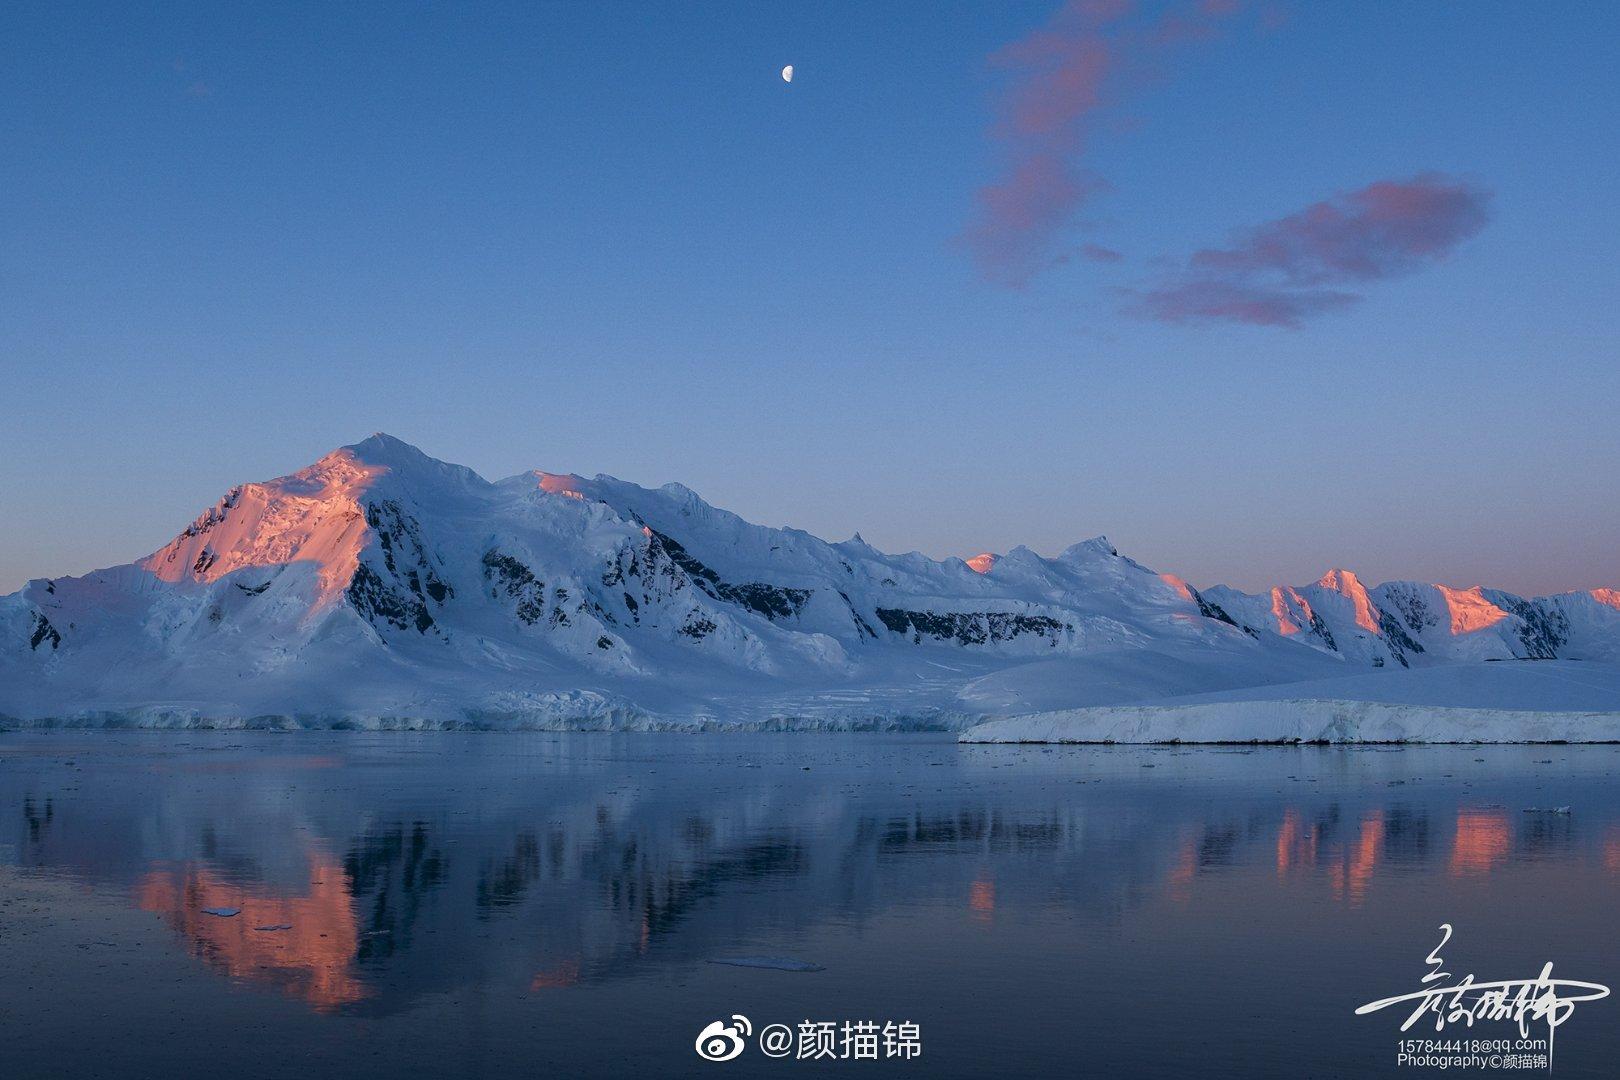 世界的尽头总是那么的空灵每一处风景都宛如一幅梦境